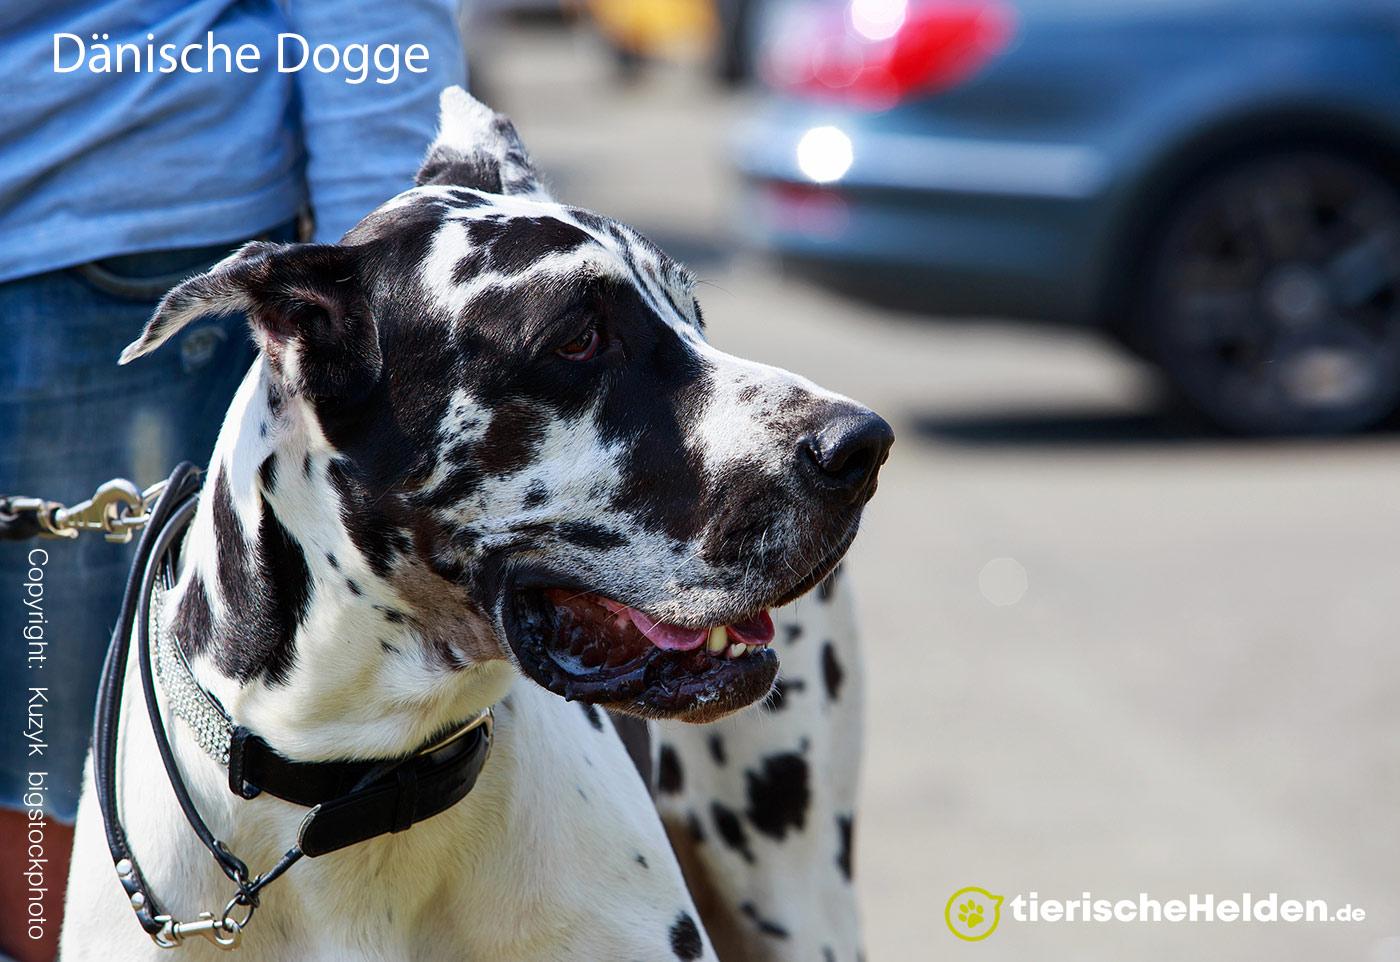 Dänische Dogge – Great Dane